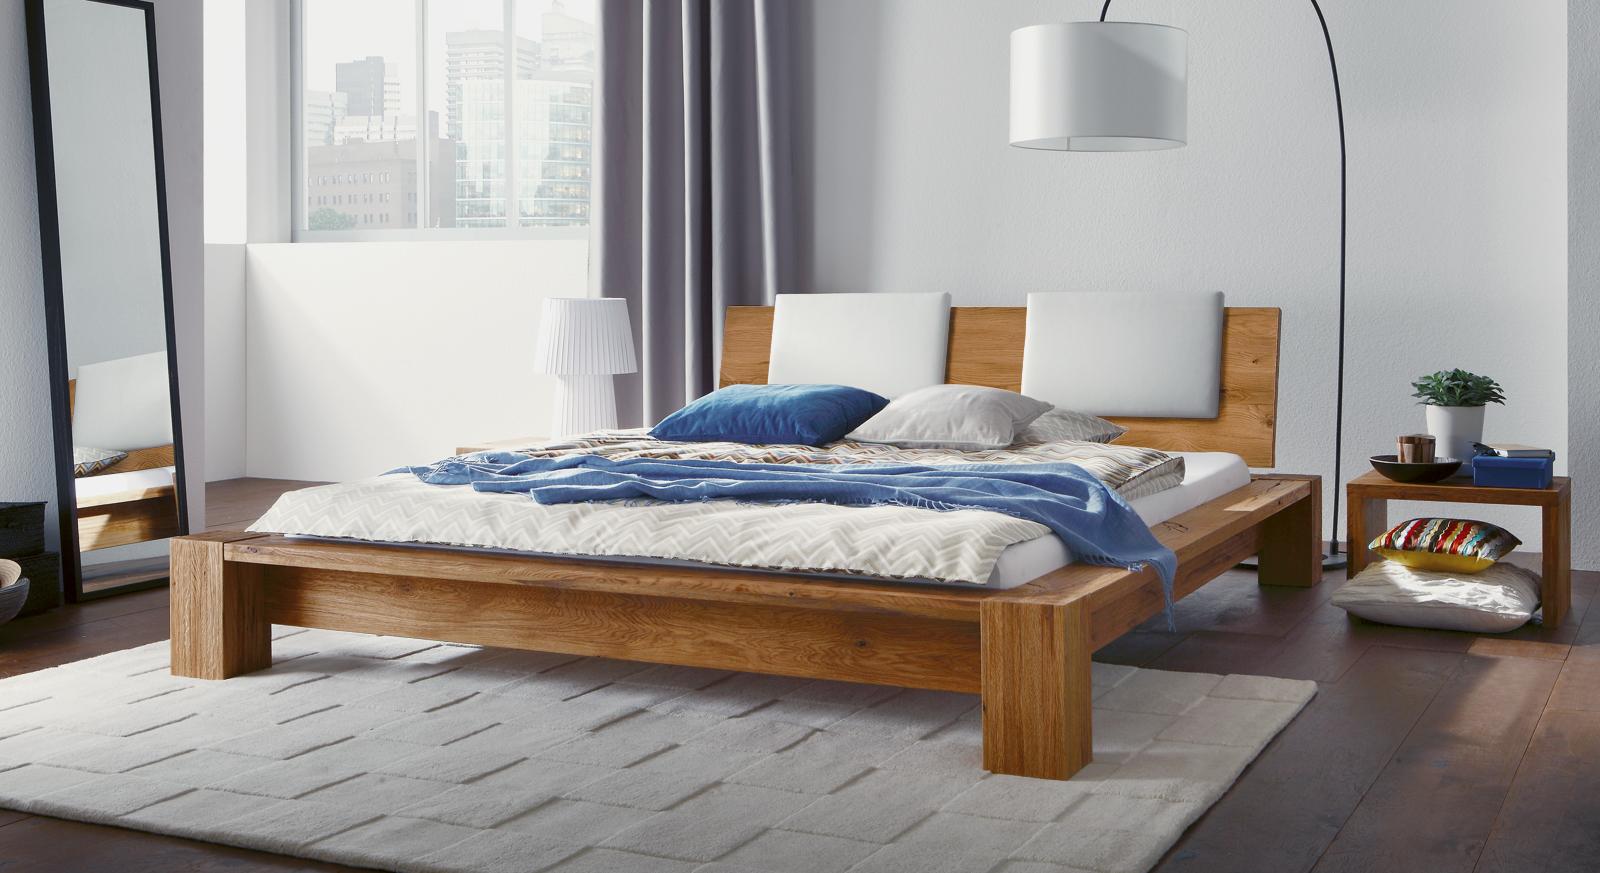 bett massivholz 180 200 catlitterplus. Black Bedroom Furniture Sets. Home Design Ideas